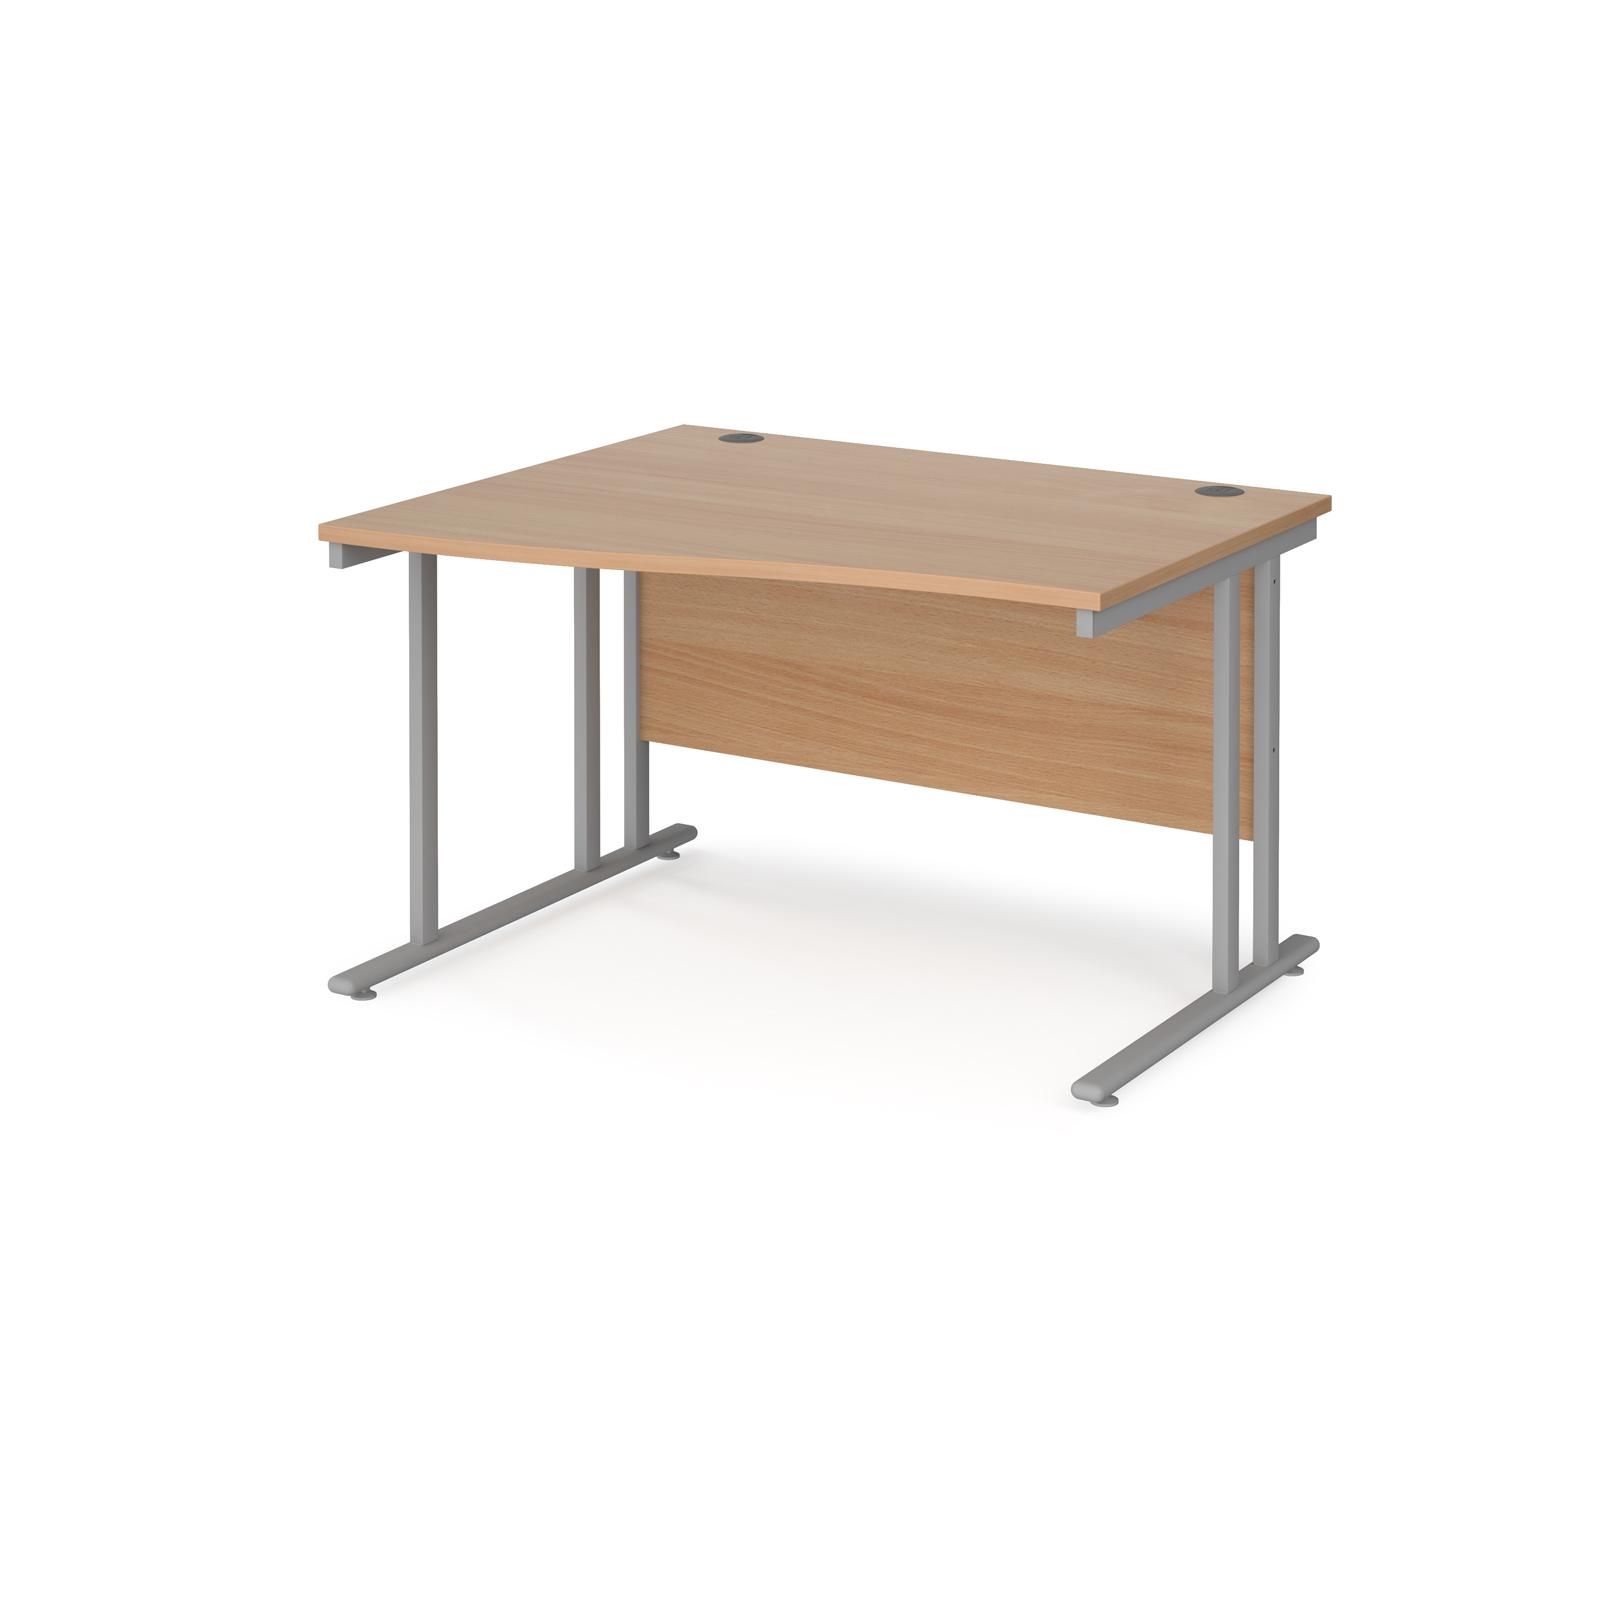 Left Handed Maestro 25 left hand wave desk 1200mm wide - silver cantilever leg frame, beech top